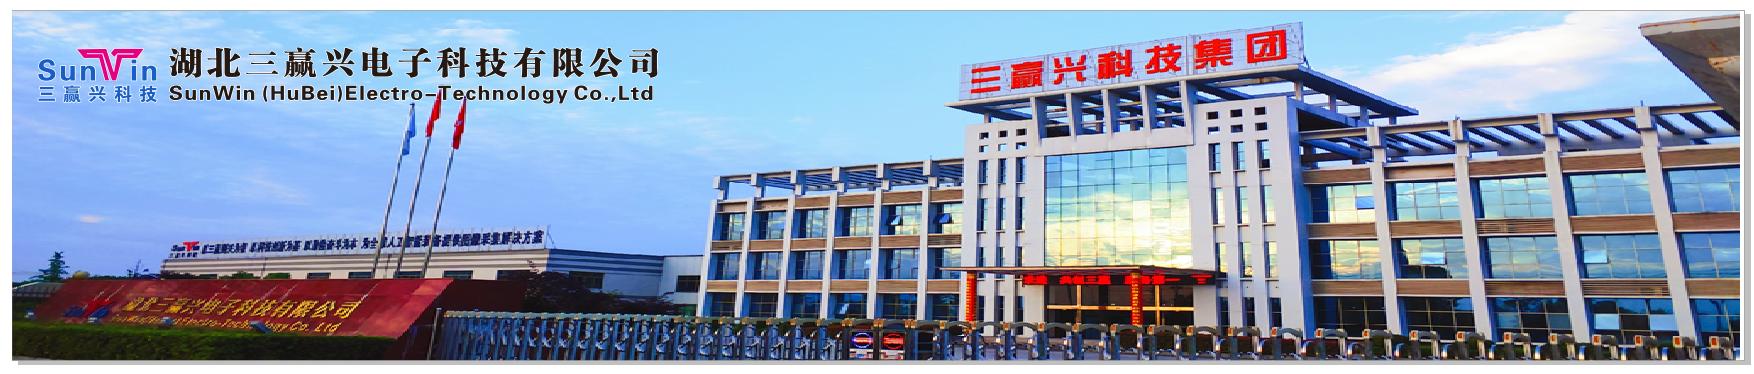 湖北三赢兴光电科技股份有限公司